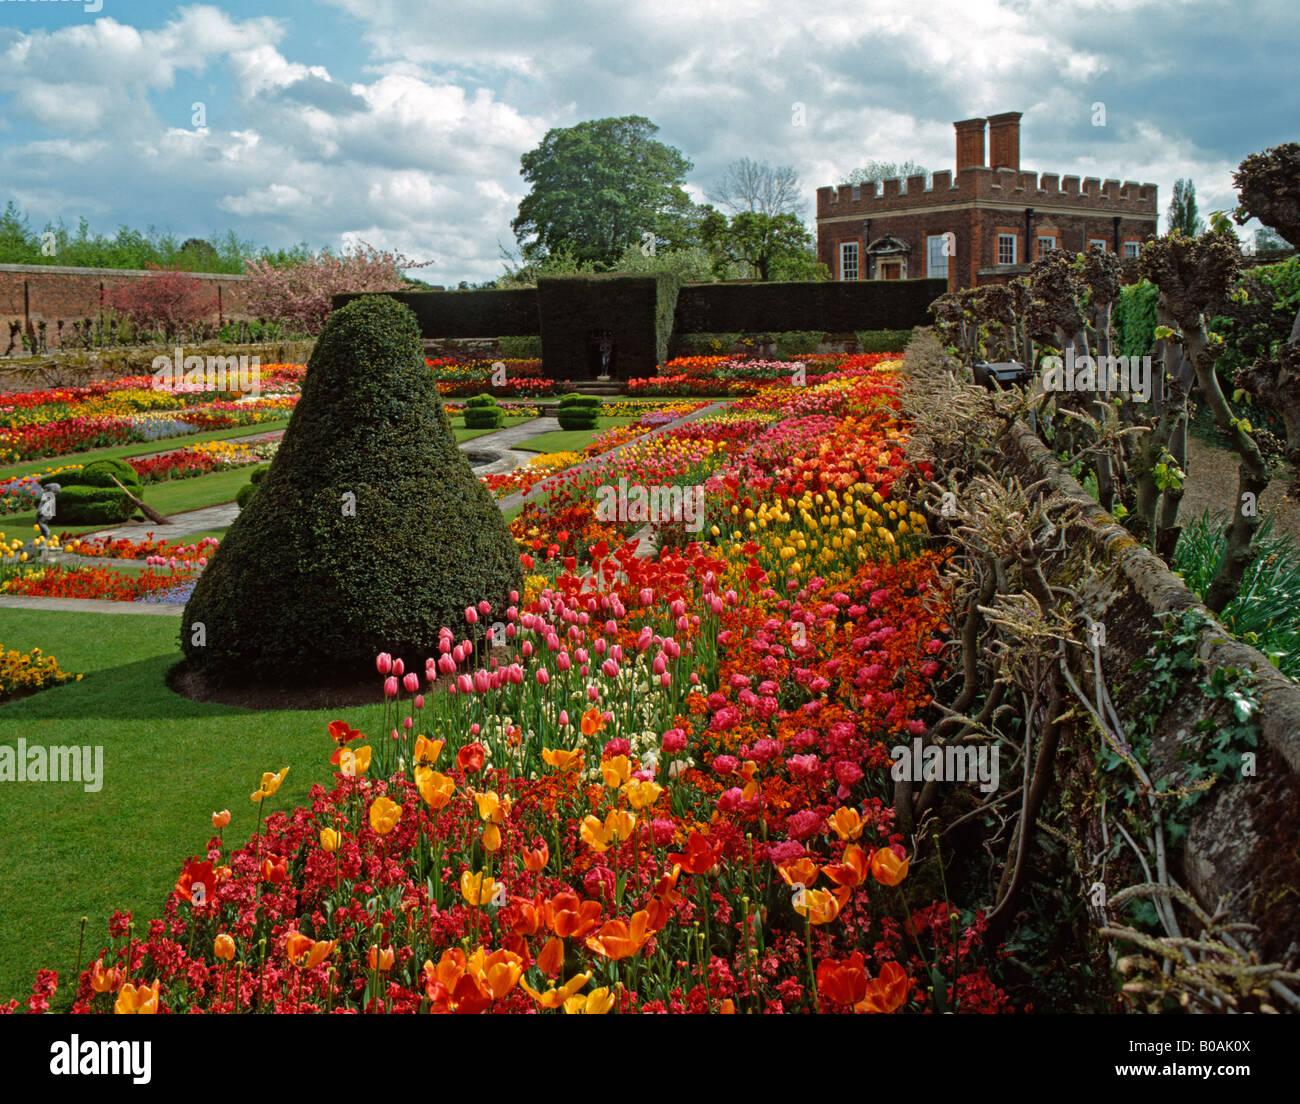 Hampton Court Palace Garden Stock Photos & Hampton Court Palace ...